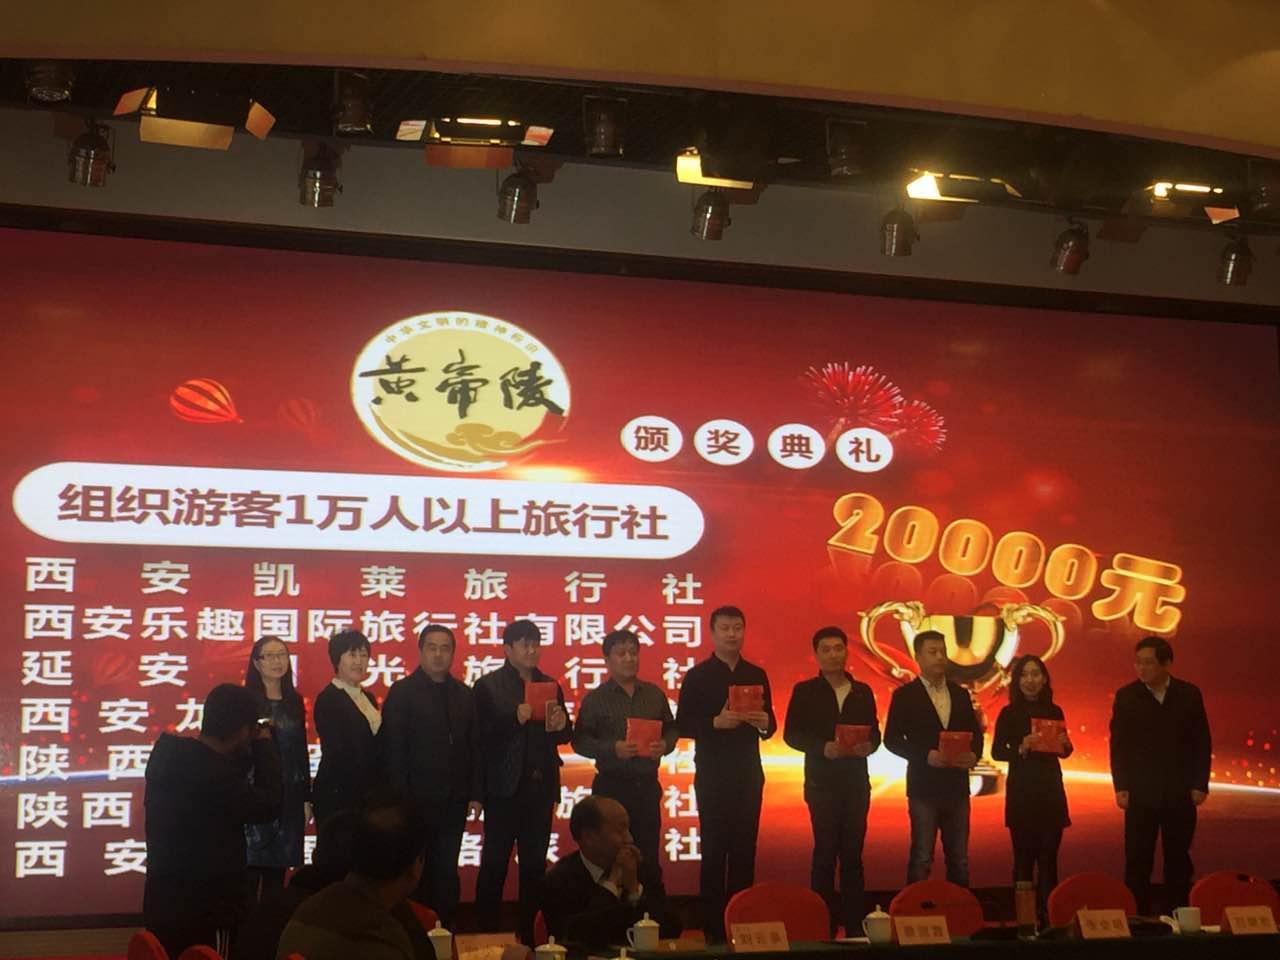 热烈祝贺我社--西安凯莱国旅2016年度黄帝陵销售荣登榜首